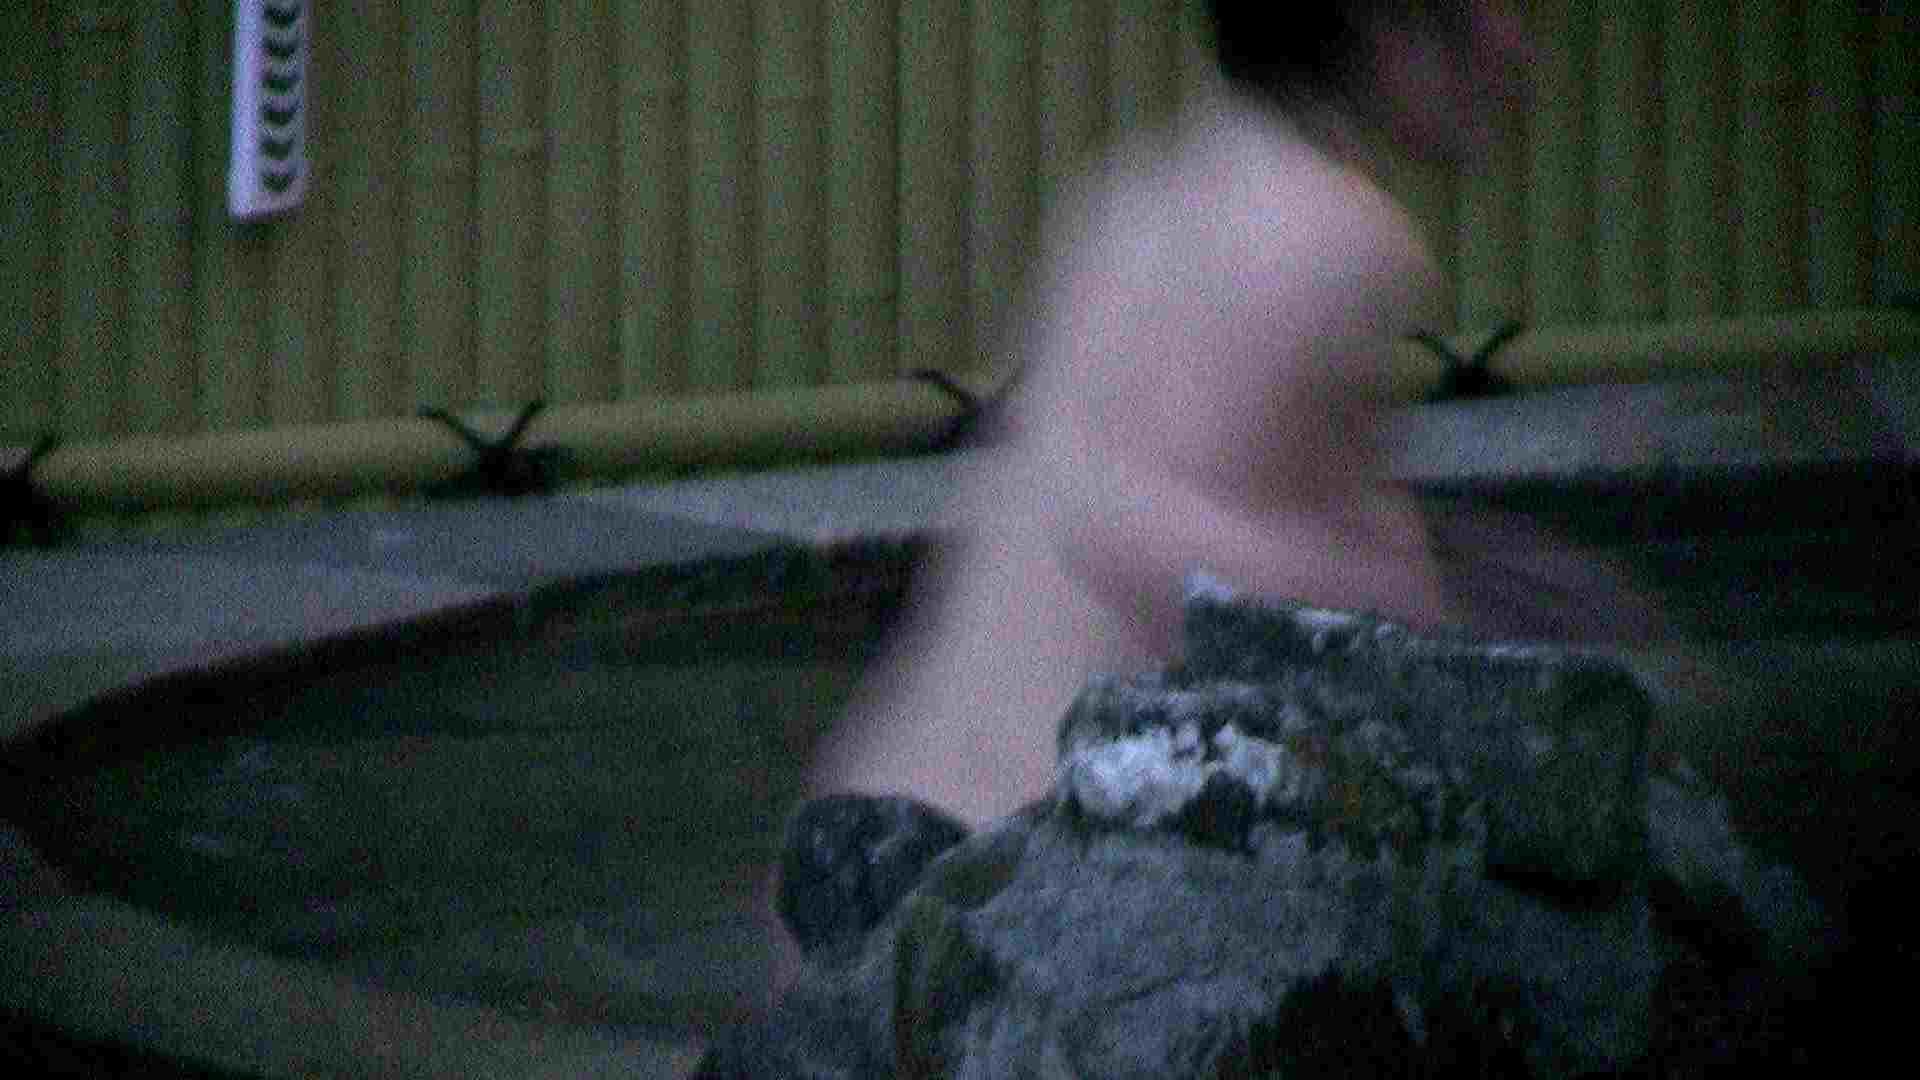 Aquaな露天風呂Vol.120 露天  42Pix 20